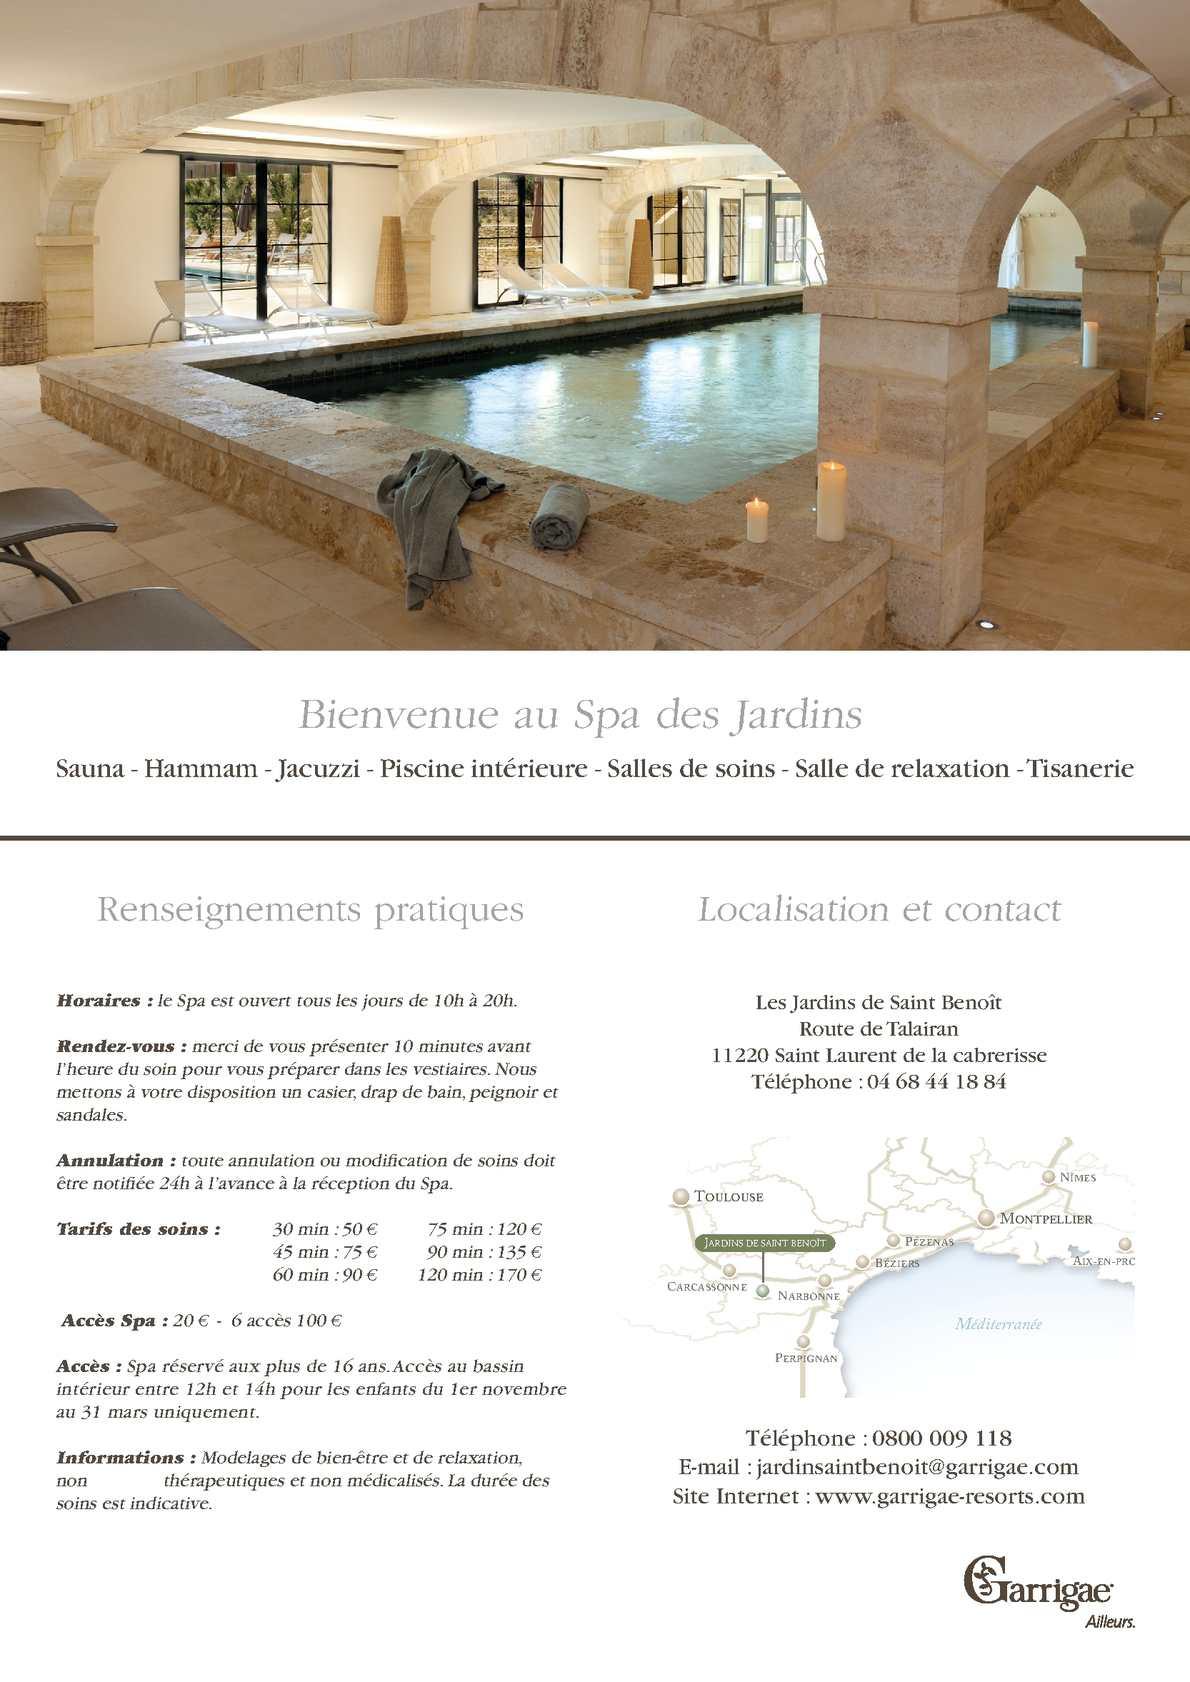 Calaméo - Carte Des Soins Jardins De Saint Benoit tout Les Jardins De Saint Benoit Spa